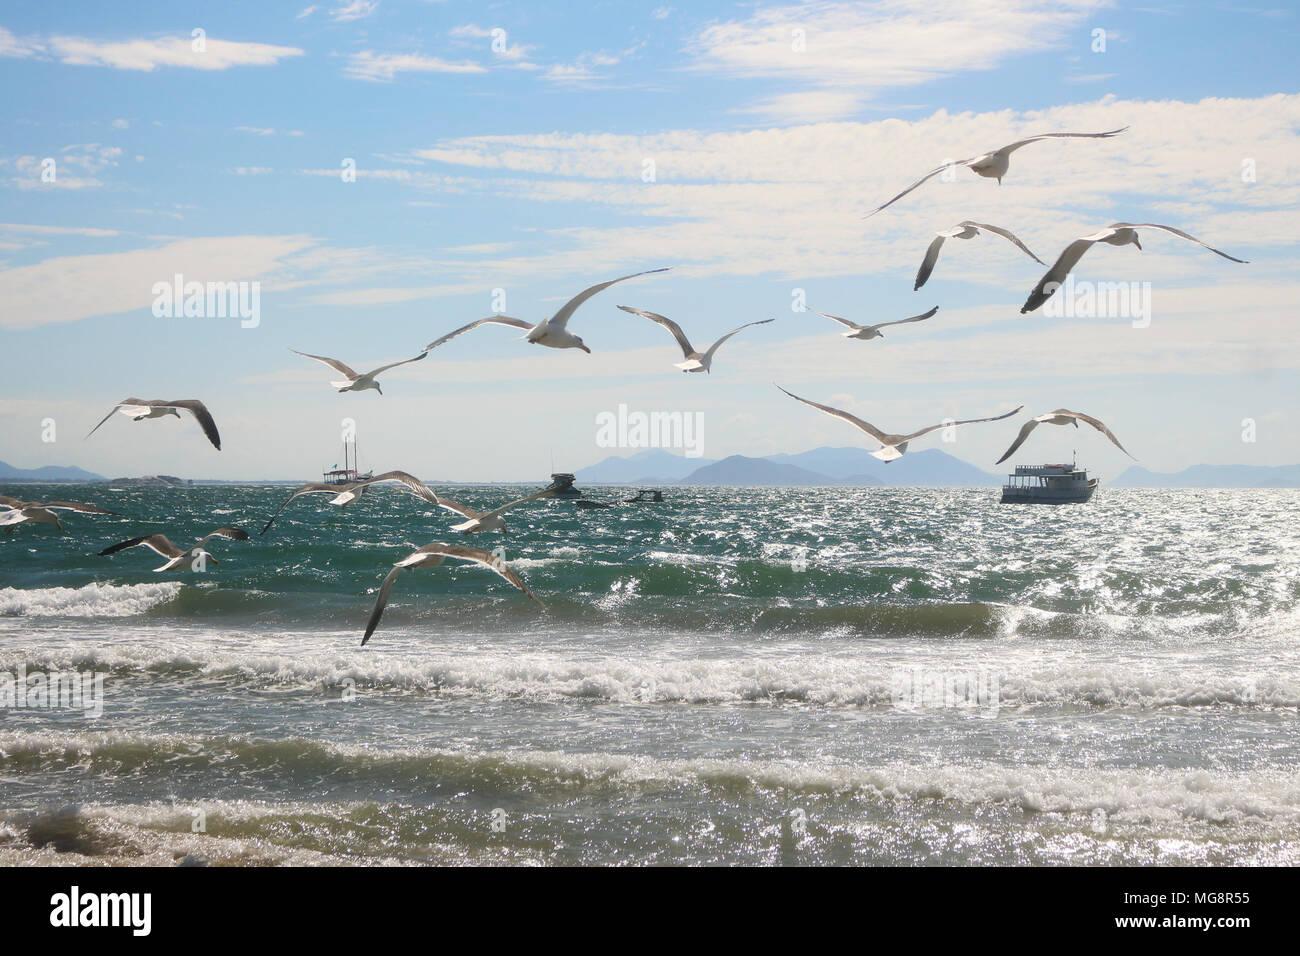 Un Gregge di gabbiani sulla spiaggia. Un volo sopra il mare e sopra le barche. La certezza di non avere il destino e una vita di luce. l'armonia, bellezza . Immagini Stock